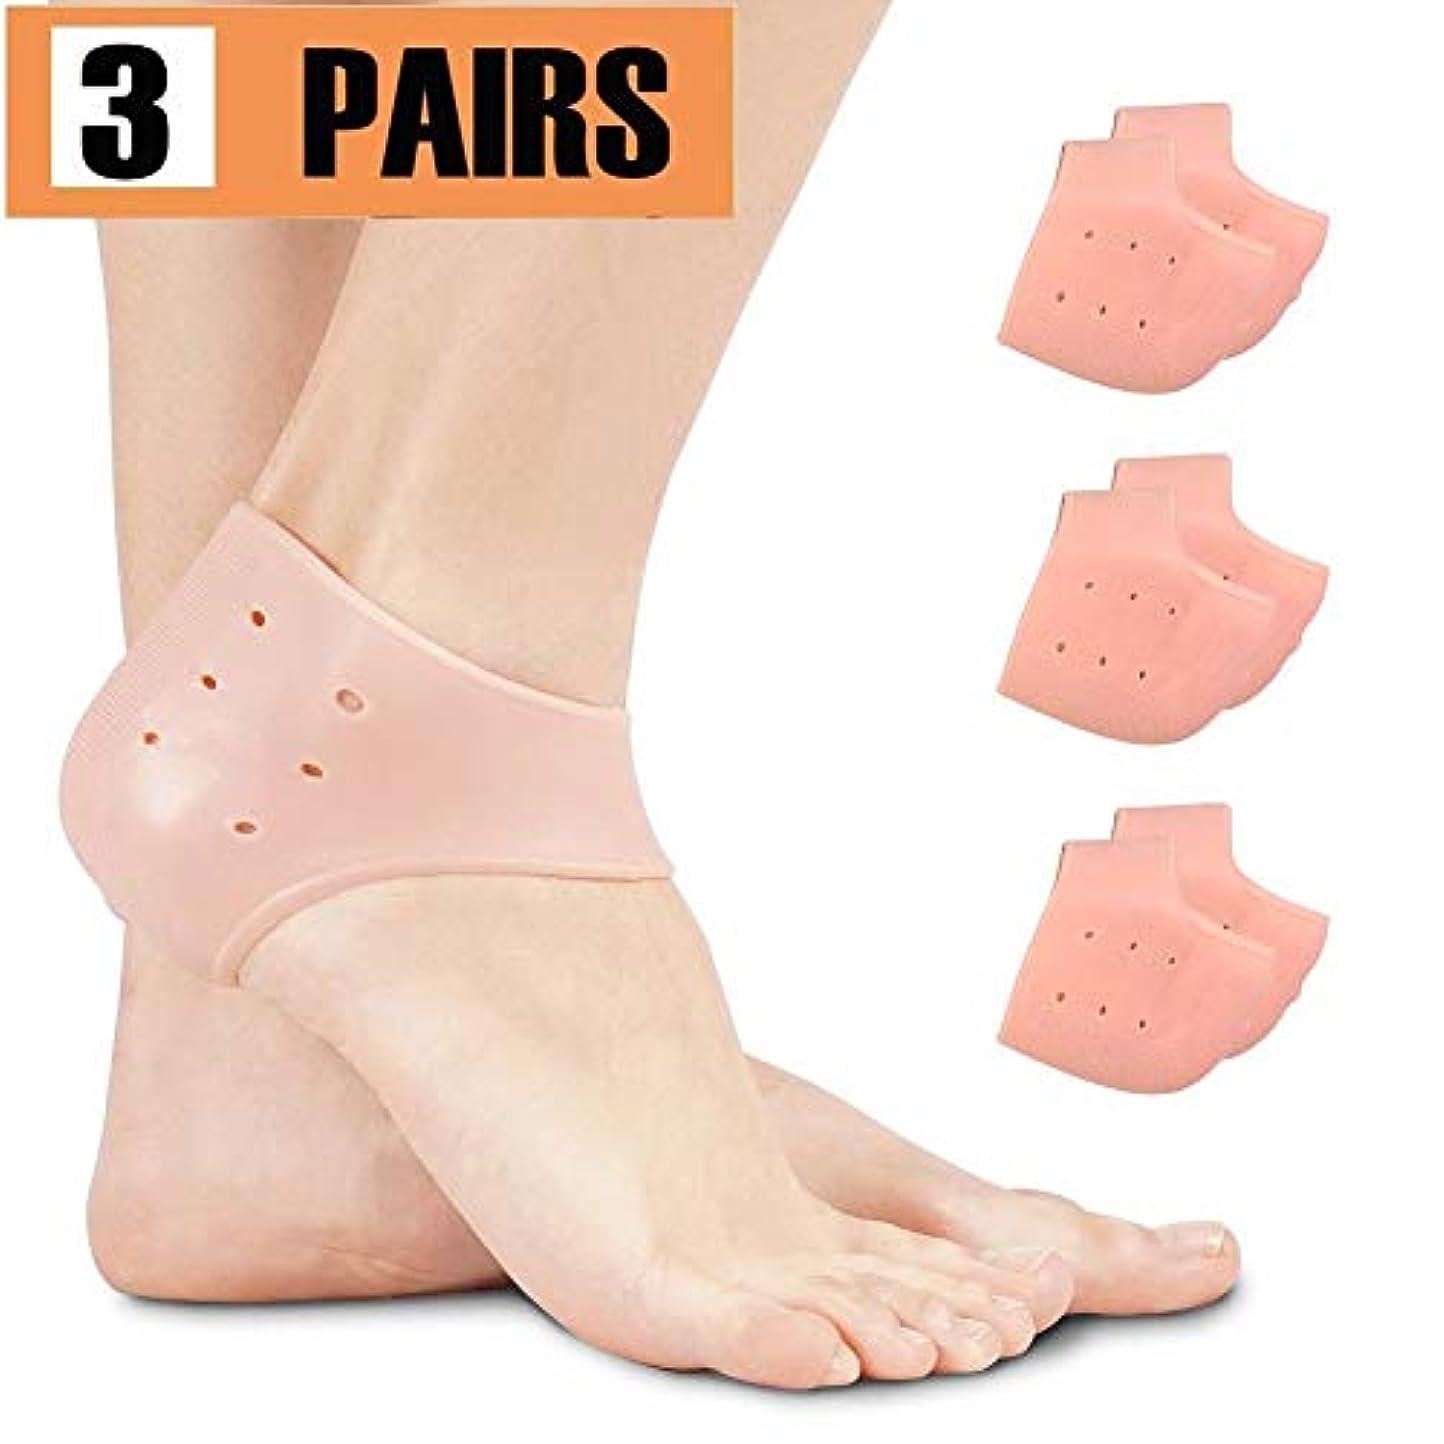 カバレッジ以前は黒かかと保護カバー ヒールカップ足底筋膜炎インサートシリコン 衝撃吸収 通気性 ヒールの痛み緩和 シークレットインソール 保湿 かかと靴下 男女兼用